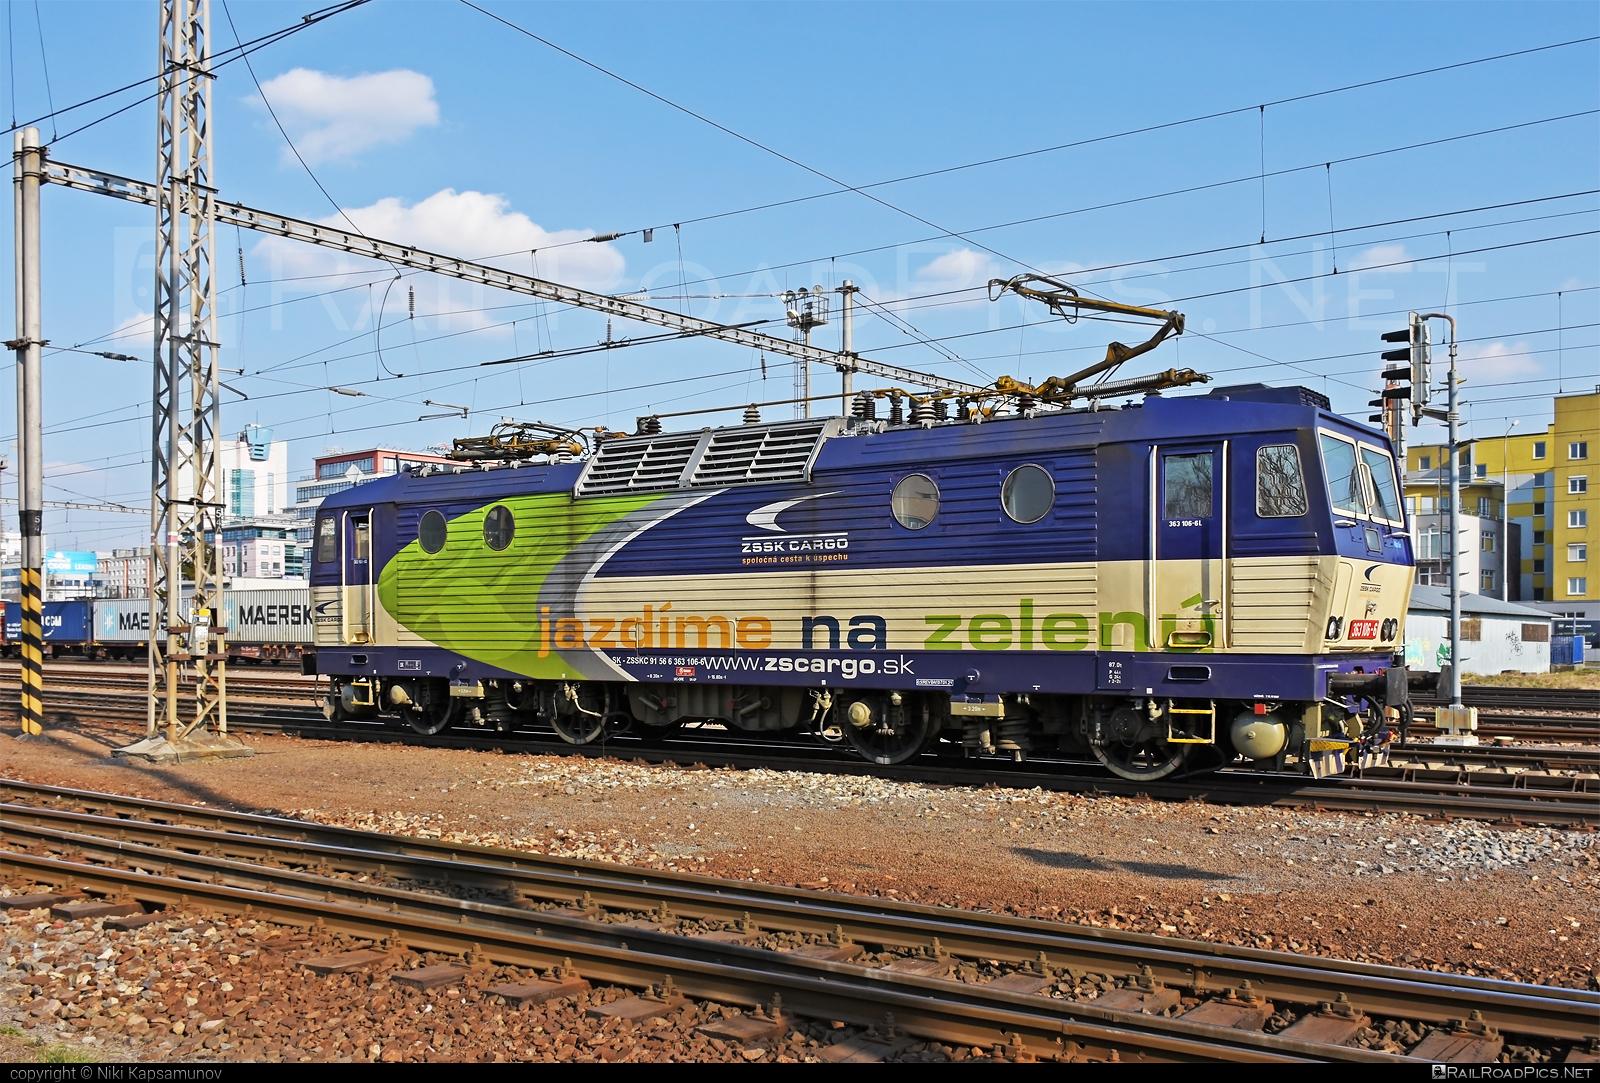 Škoda 69E - 363 106-6 operated by Železničná Spoločnost' Cargo Slovakia a.s. #ZeleznicnaSpolocnostCargoSlovakia #es4991 #eso #locomotive363 #skoda #skoda69e #zsskcargo